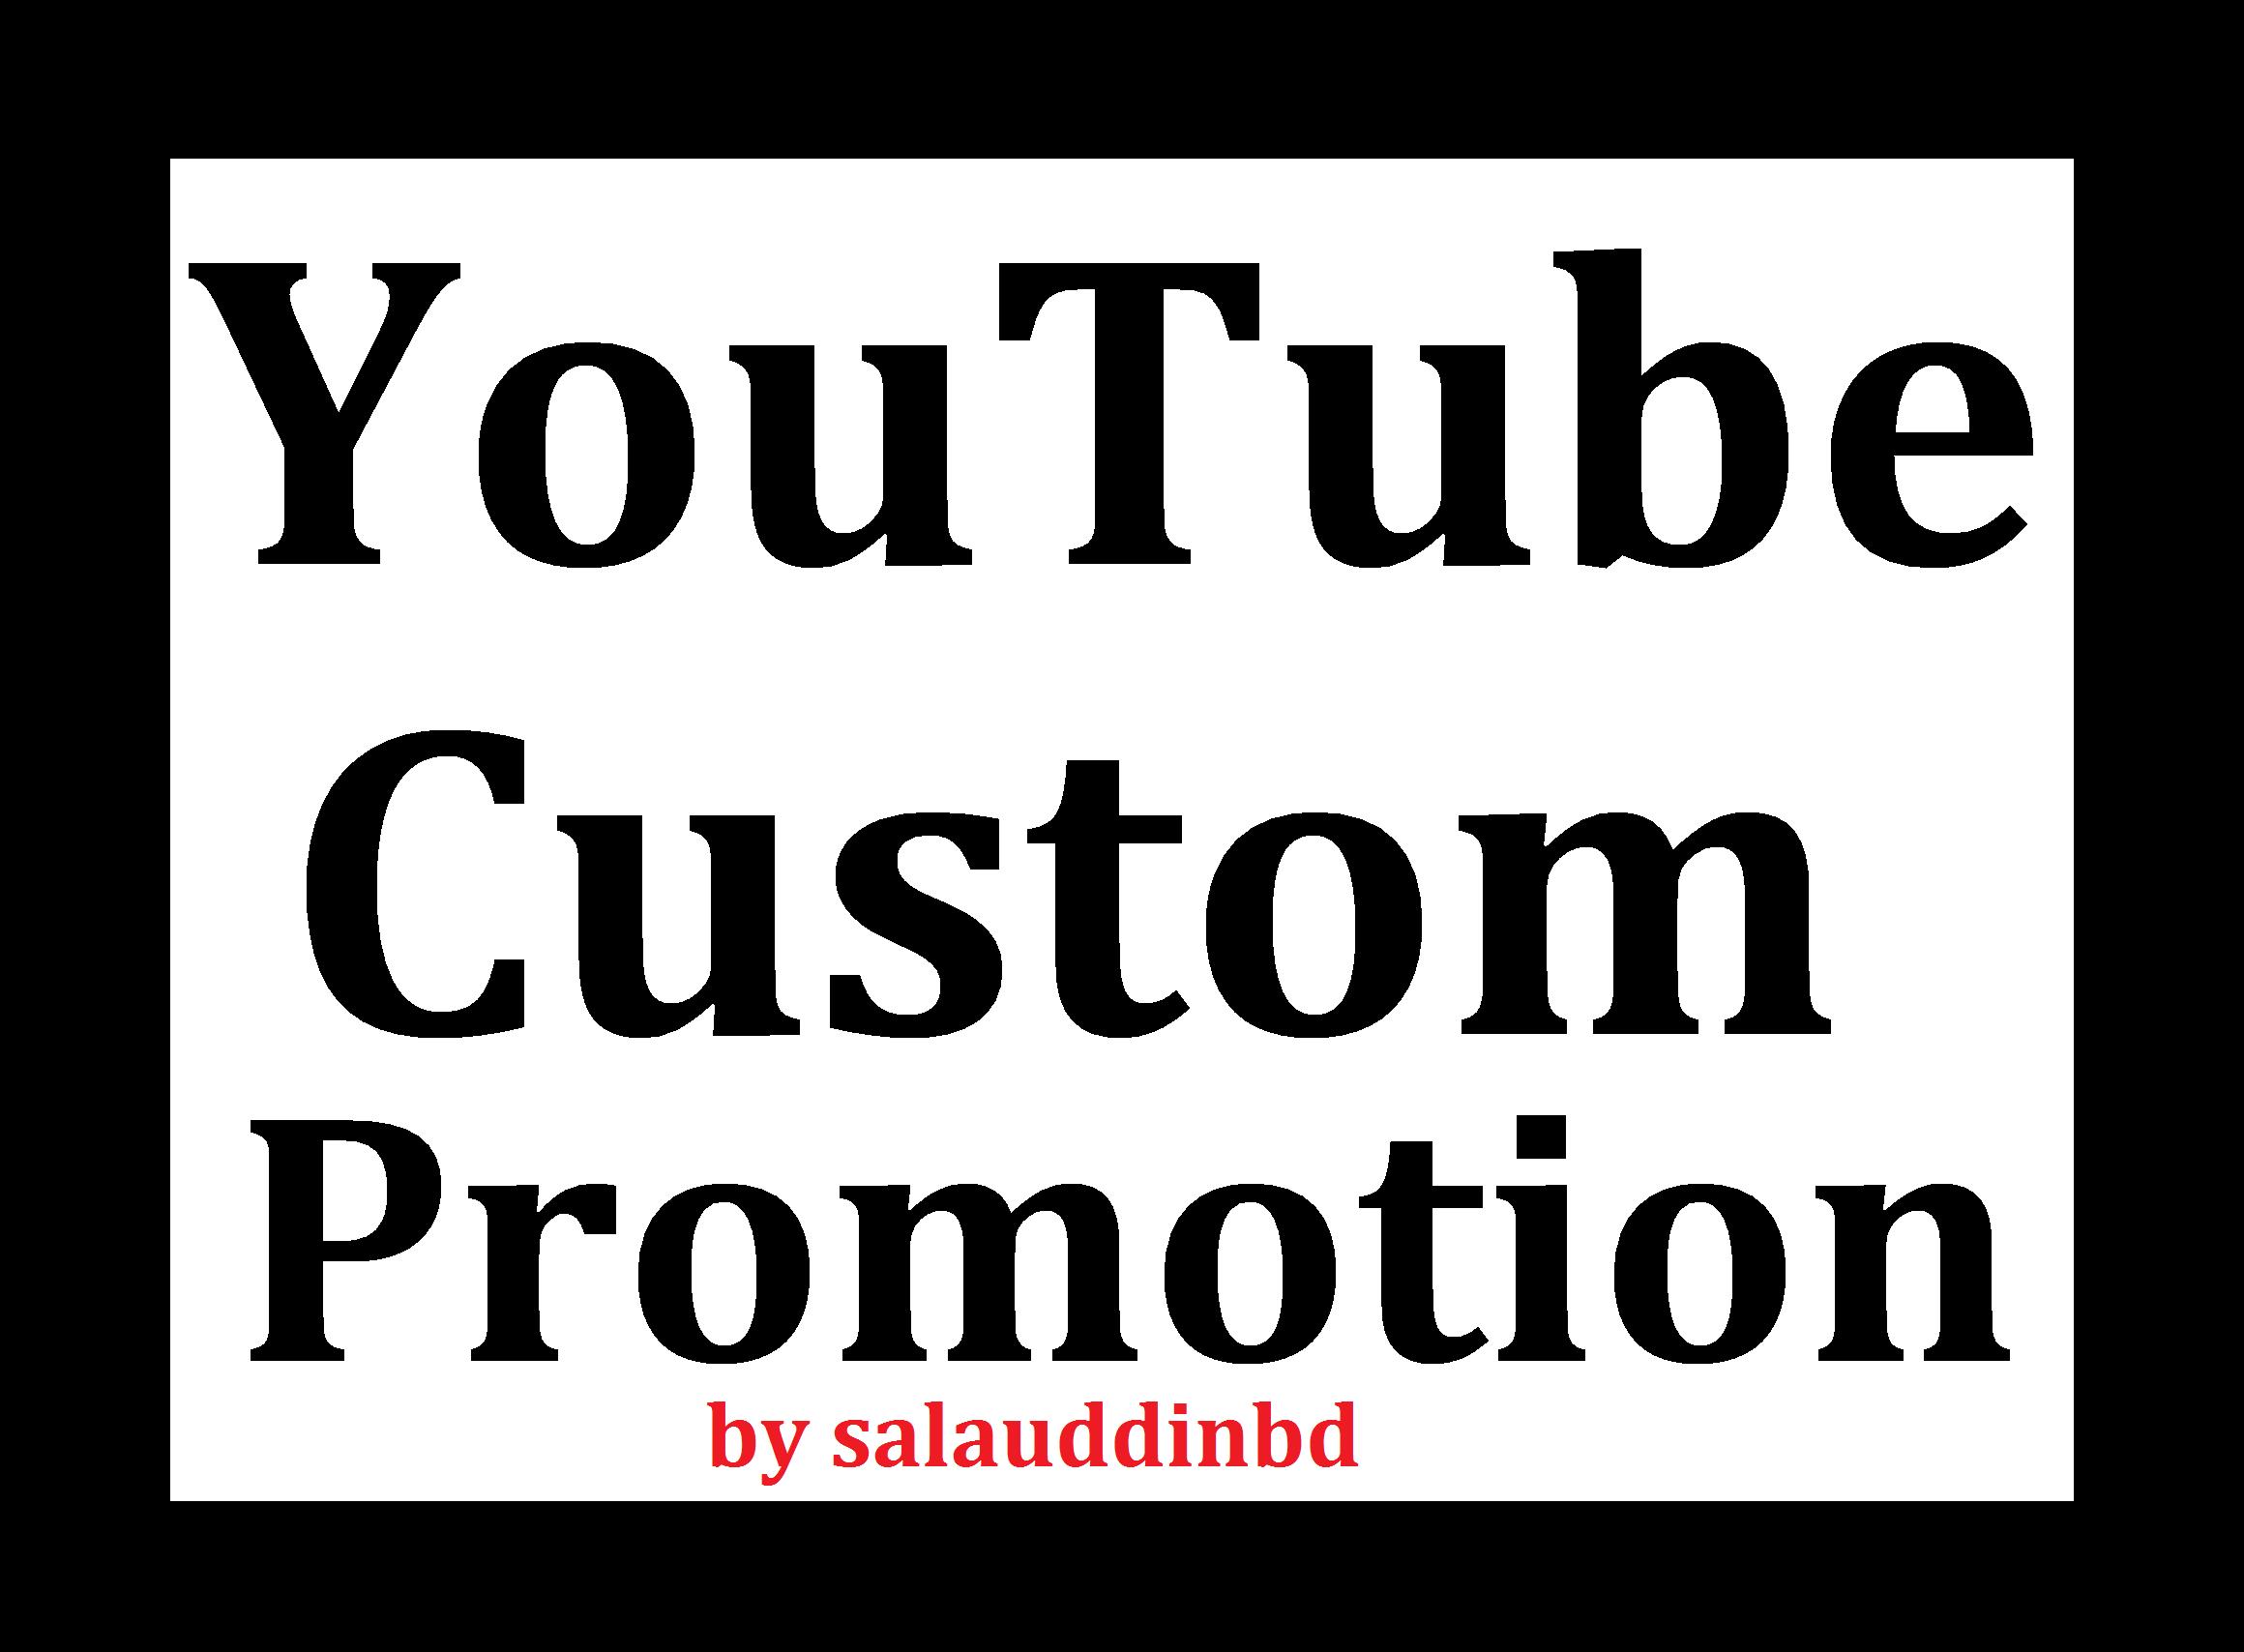 Safe YouTube High Quality Custom Promotion Marketing